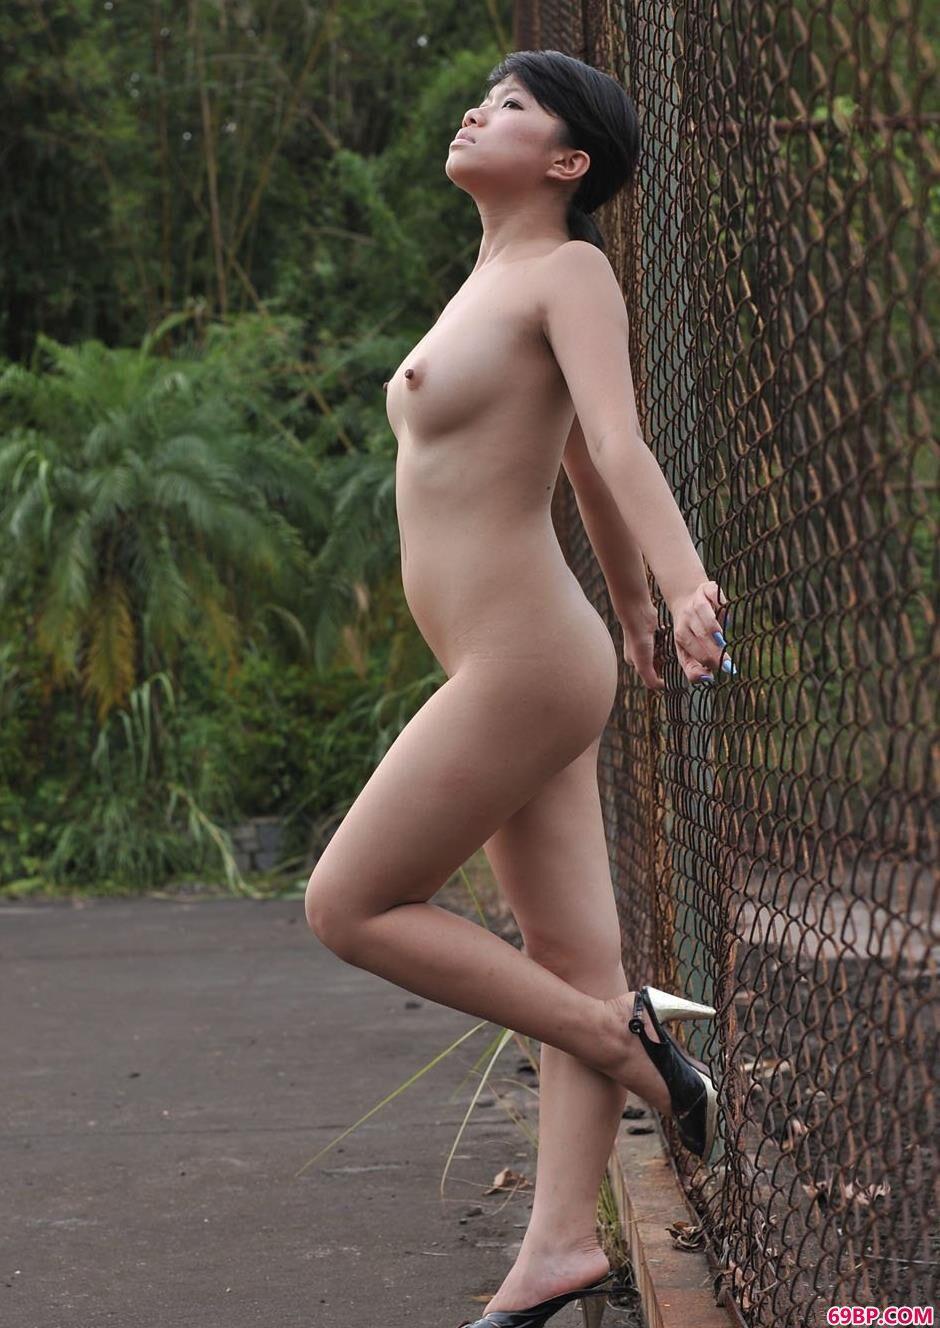 嫩模叮当郊外铁丝网前的诱惑美体